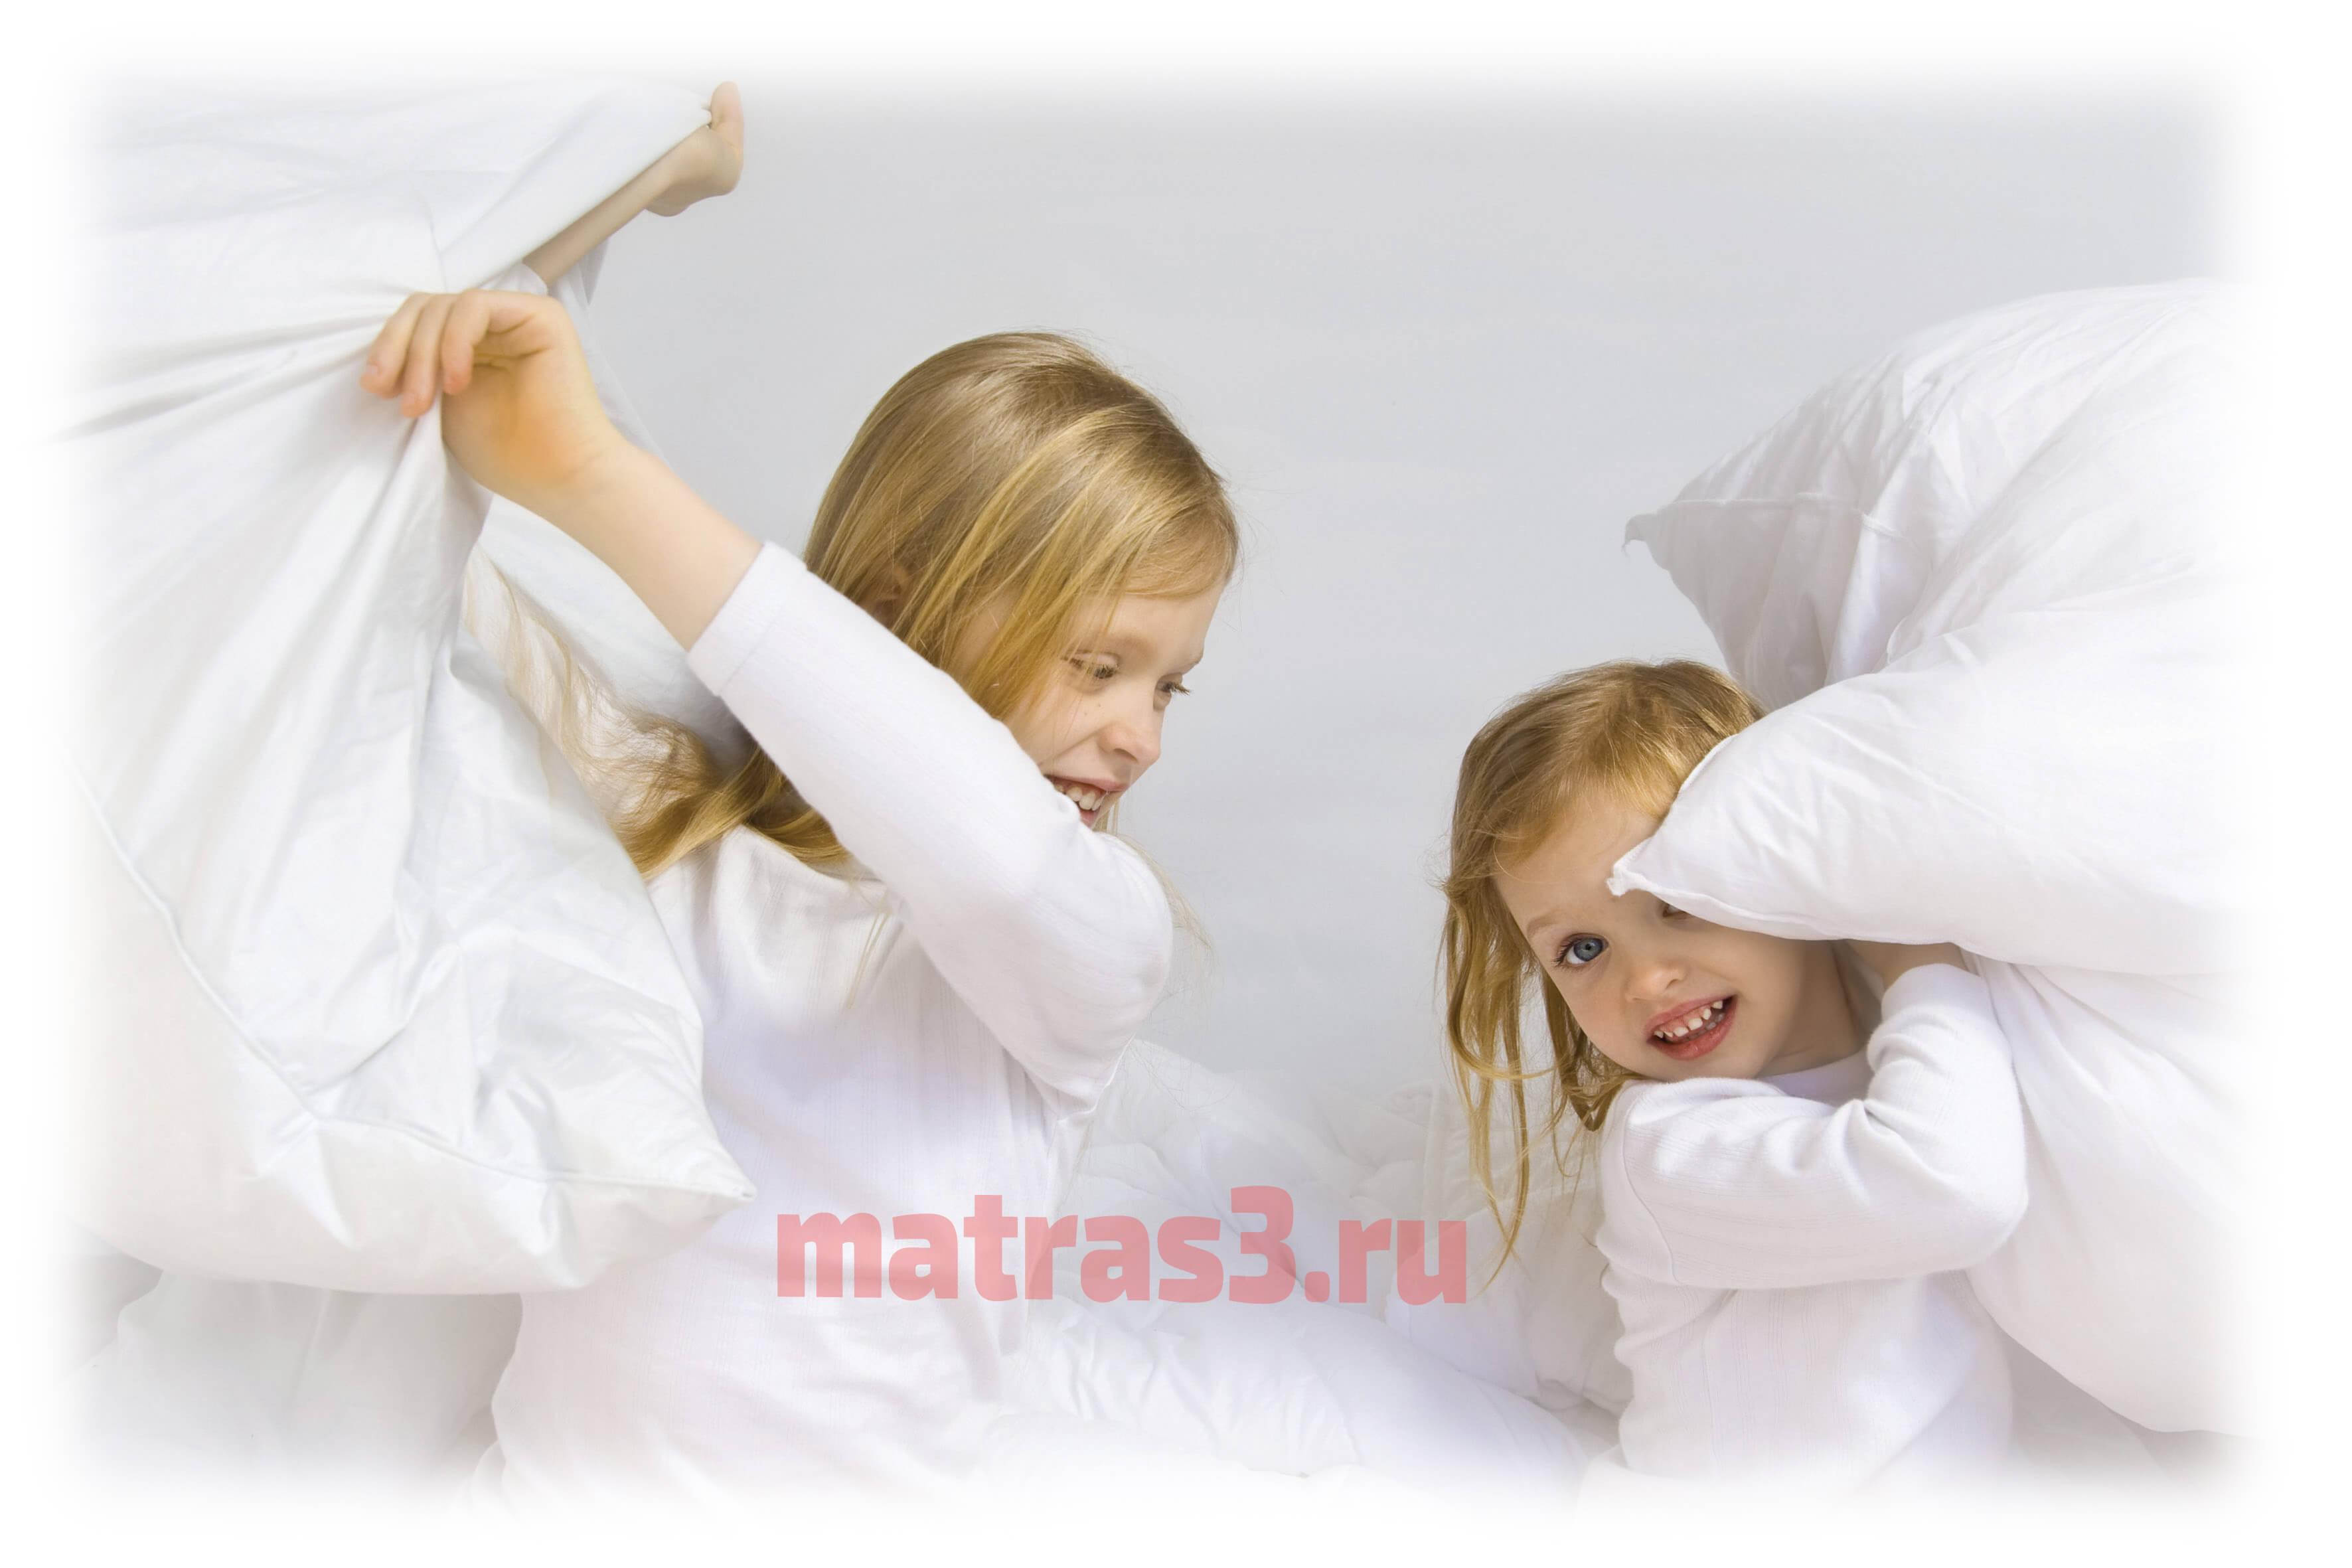 Какой матрас лучше выбрать для ребенка?